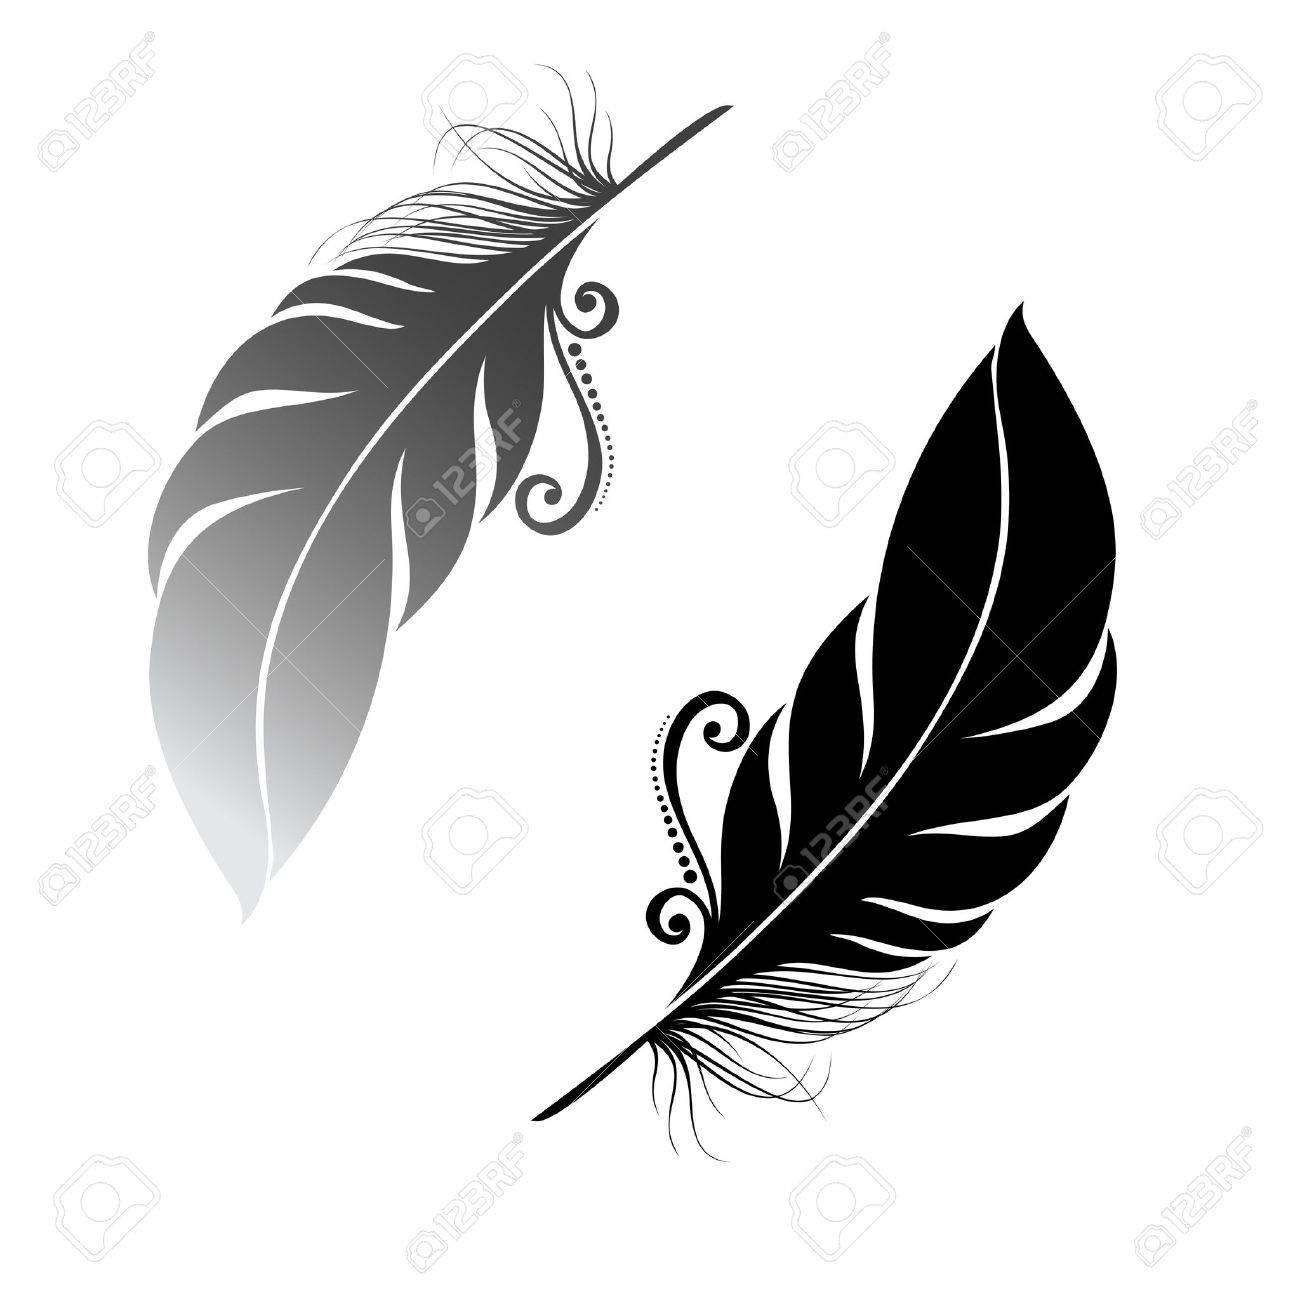 Peerless Decorative Feather - 26470439